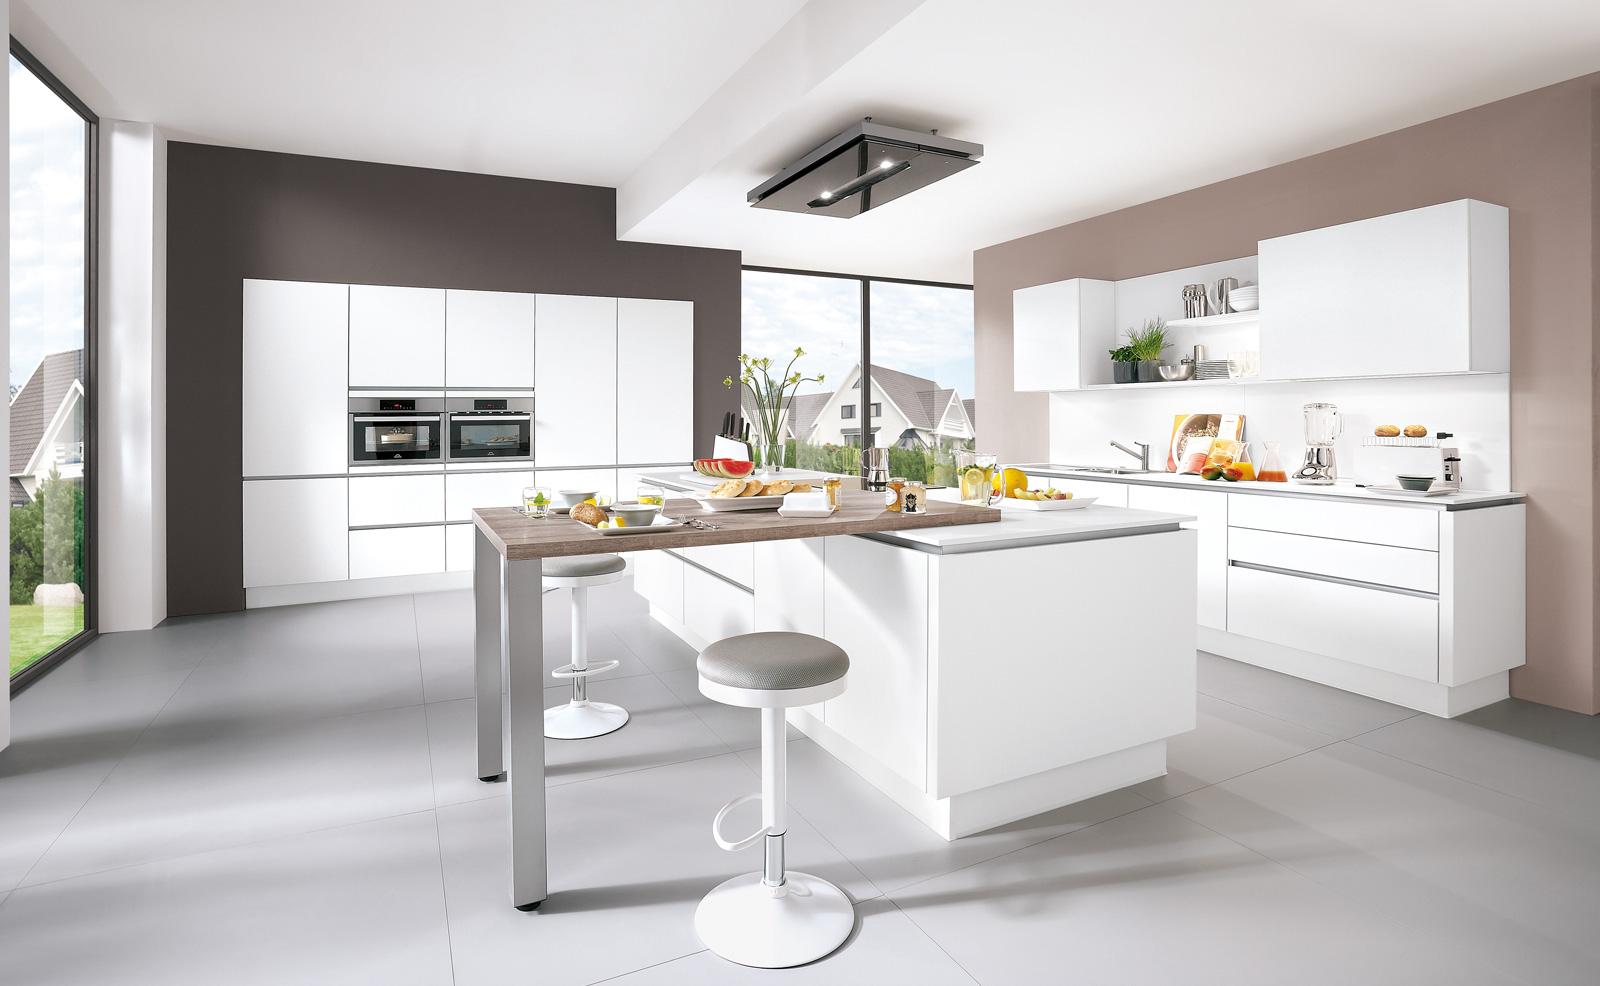 Erfreut Insel Küche Und Bad Zeitgenössisch - Ideen Für Die Küche ...